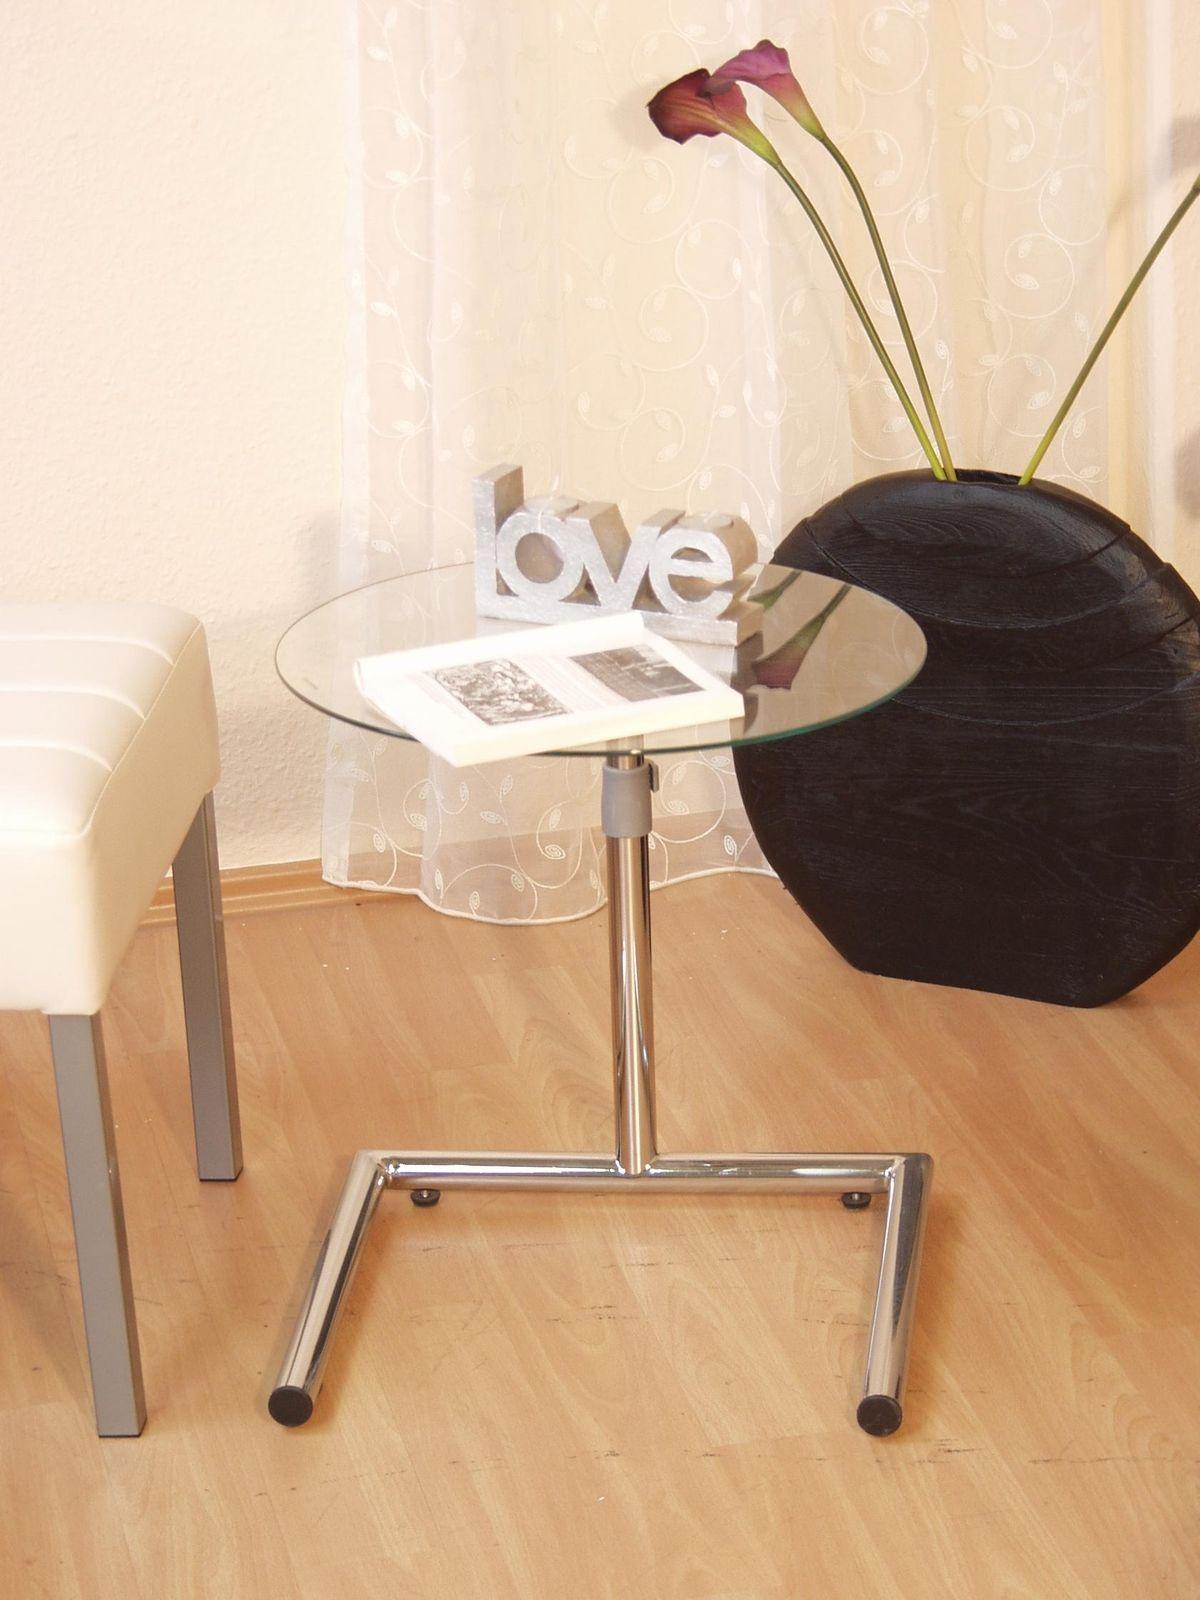 Wunderbar Couchtisch Chrom Glas Foto Von Beistelltisch Tisch Beitisch Höhenverstellbar Klarglas Neu